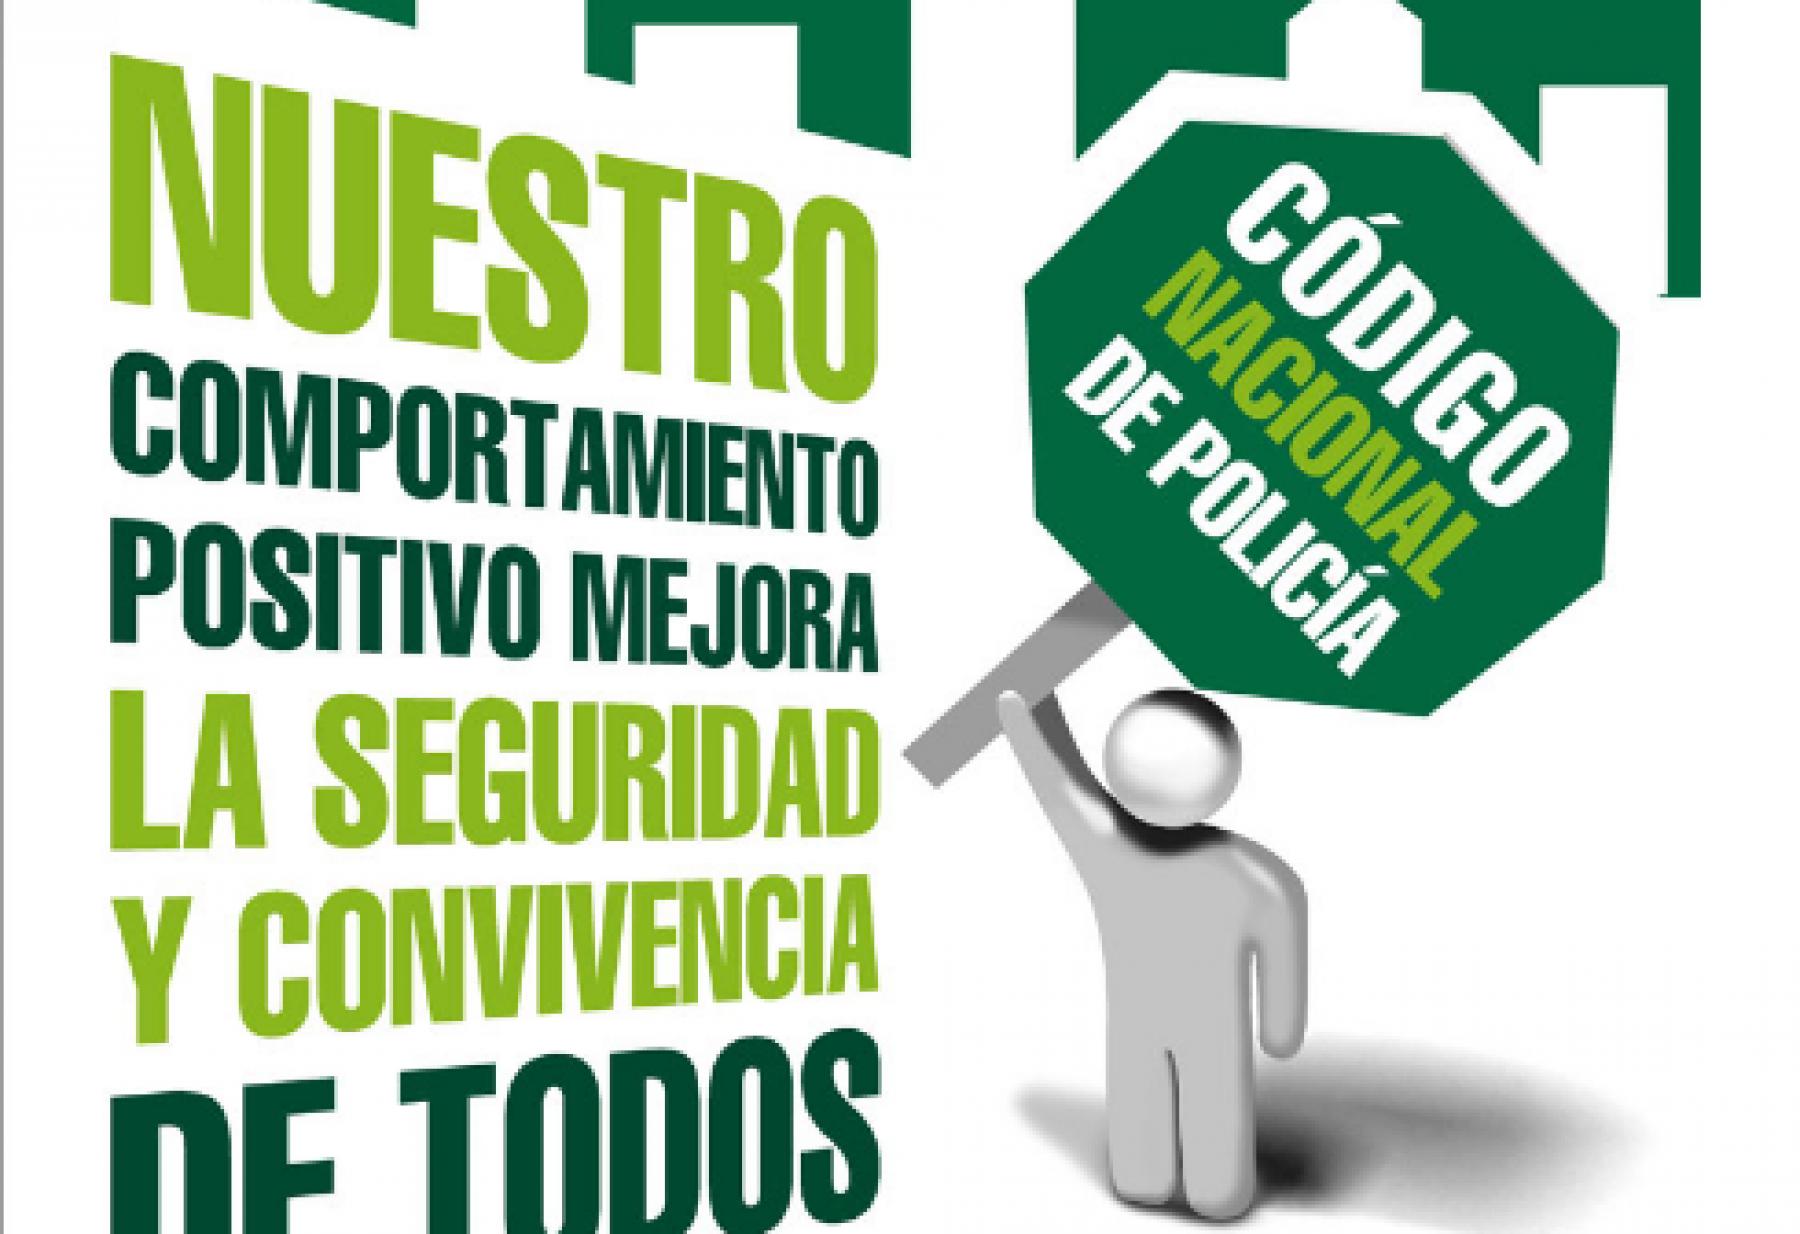 https://lavozdelcinaruco.com/data/archivos/galerias/1/20170123082312_20_nuevo-codigo-de-policia.png